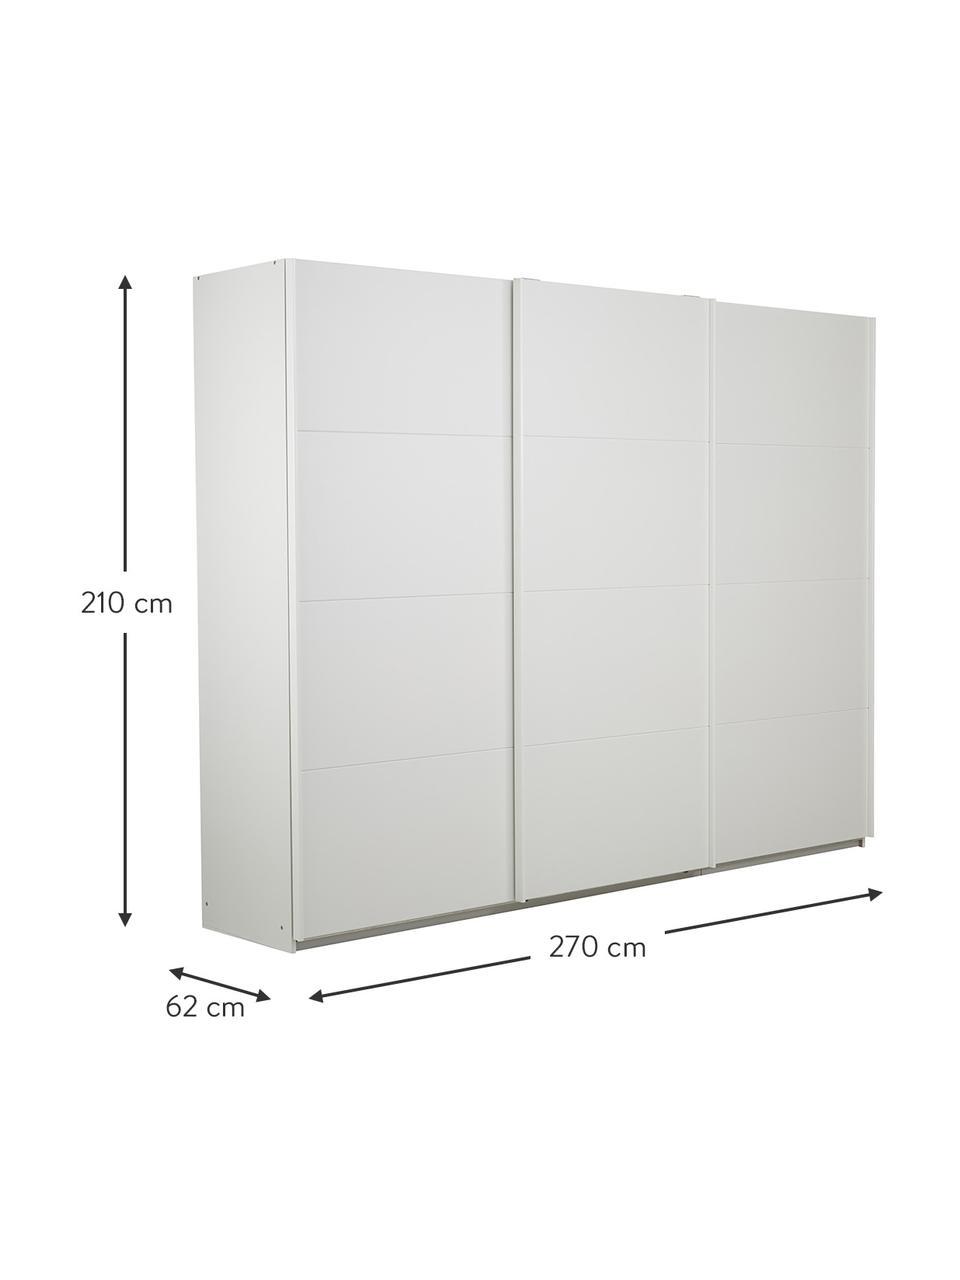 Kleiderschrank Mia mit 3 Schiebetüren in Weiß, Holzwerkstoff, beschichtet, Weiß, 270 x 210 cm